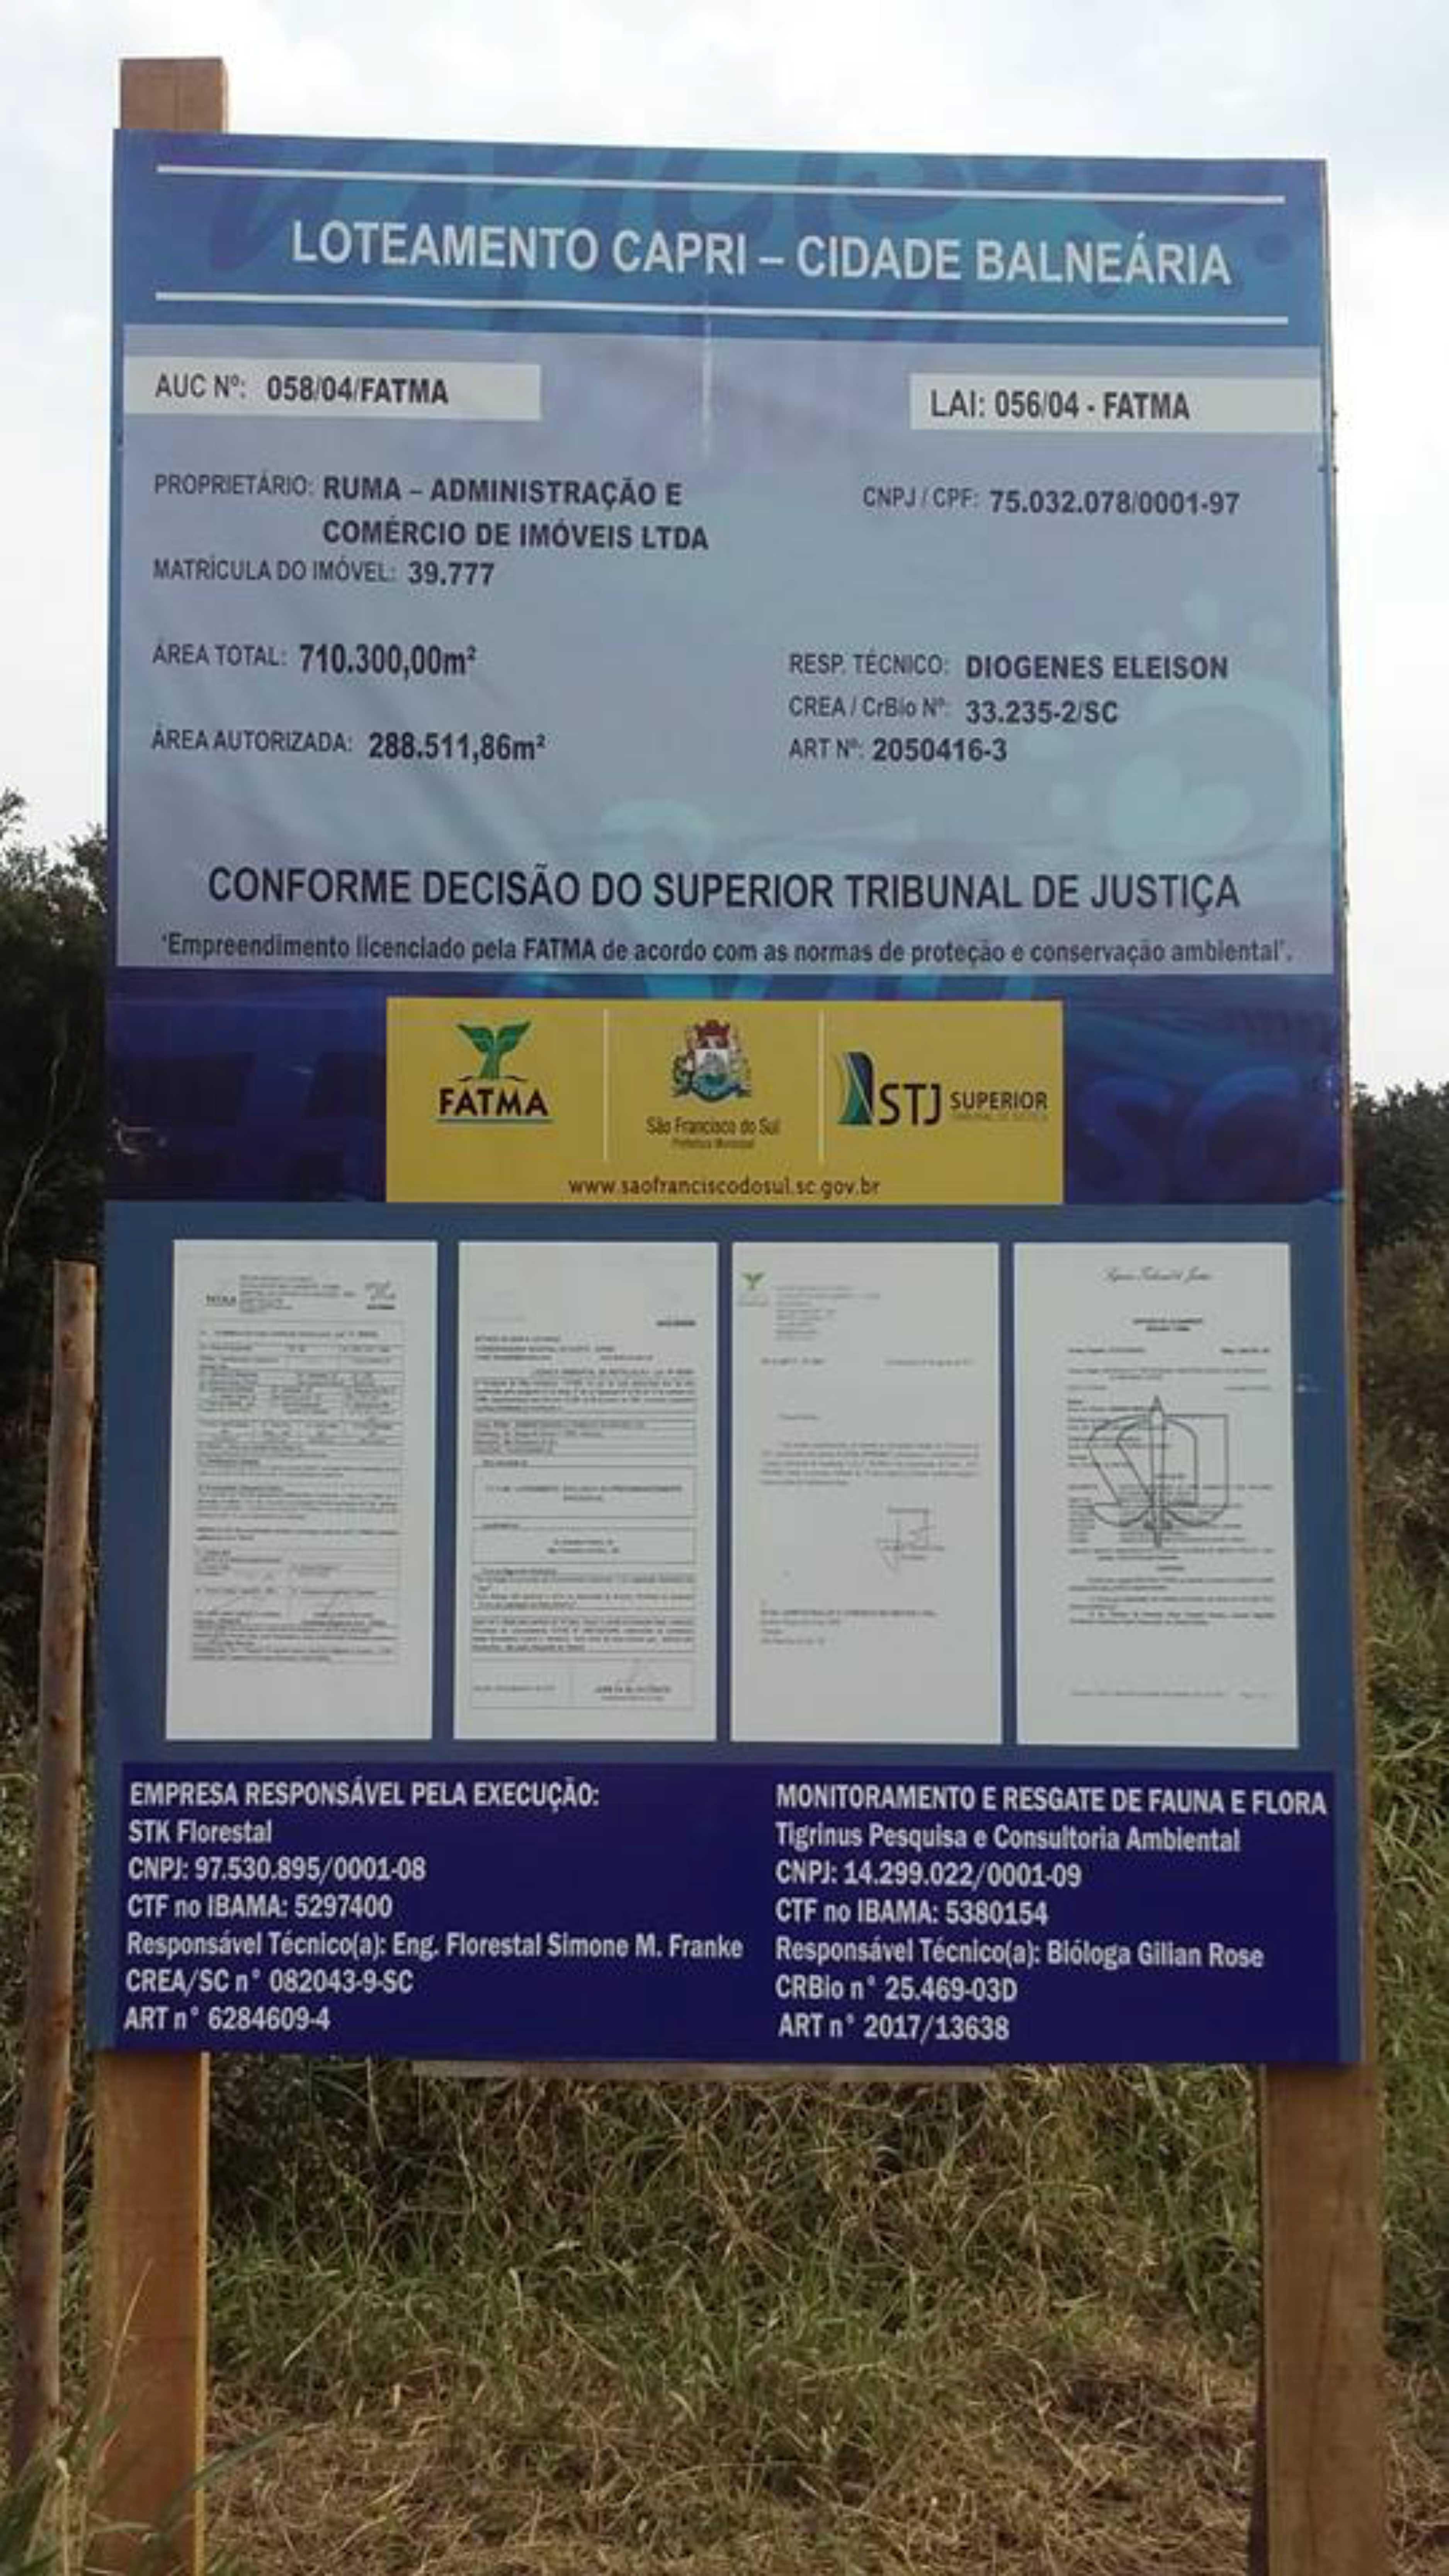 LOTEAMENTO CAPRI SÃO CHICO SC